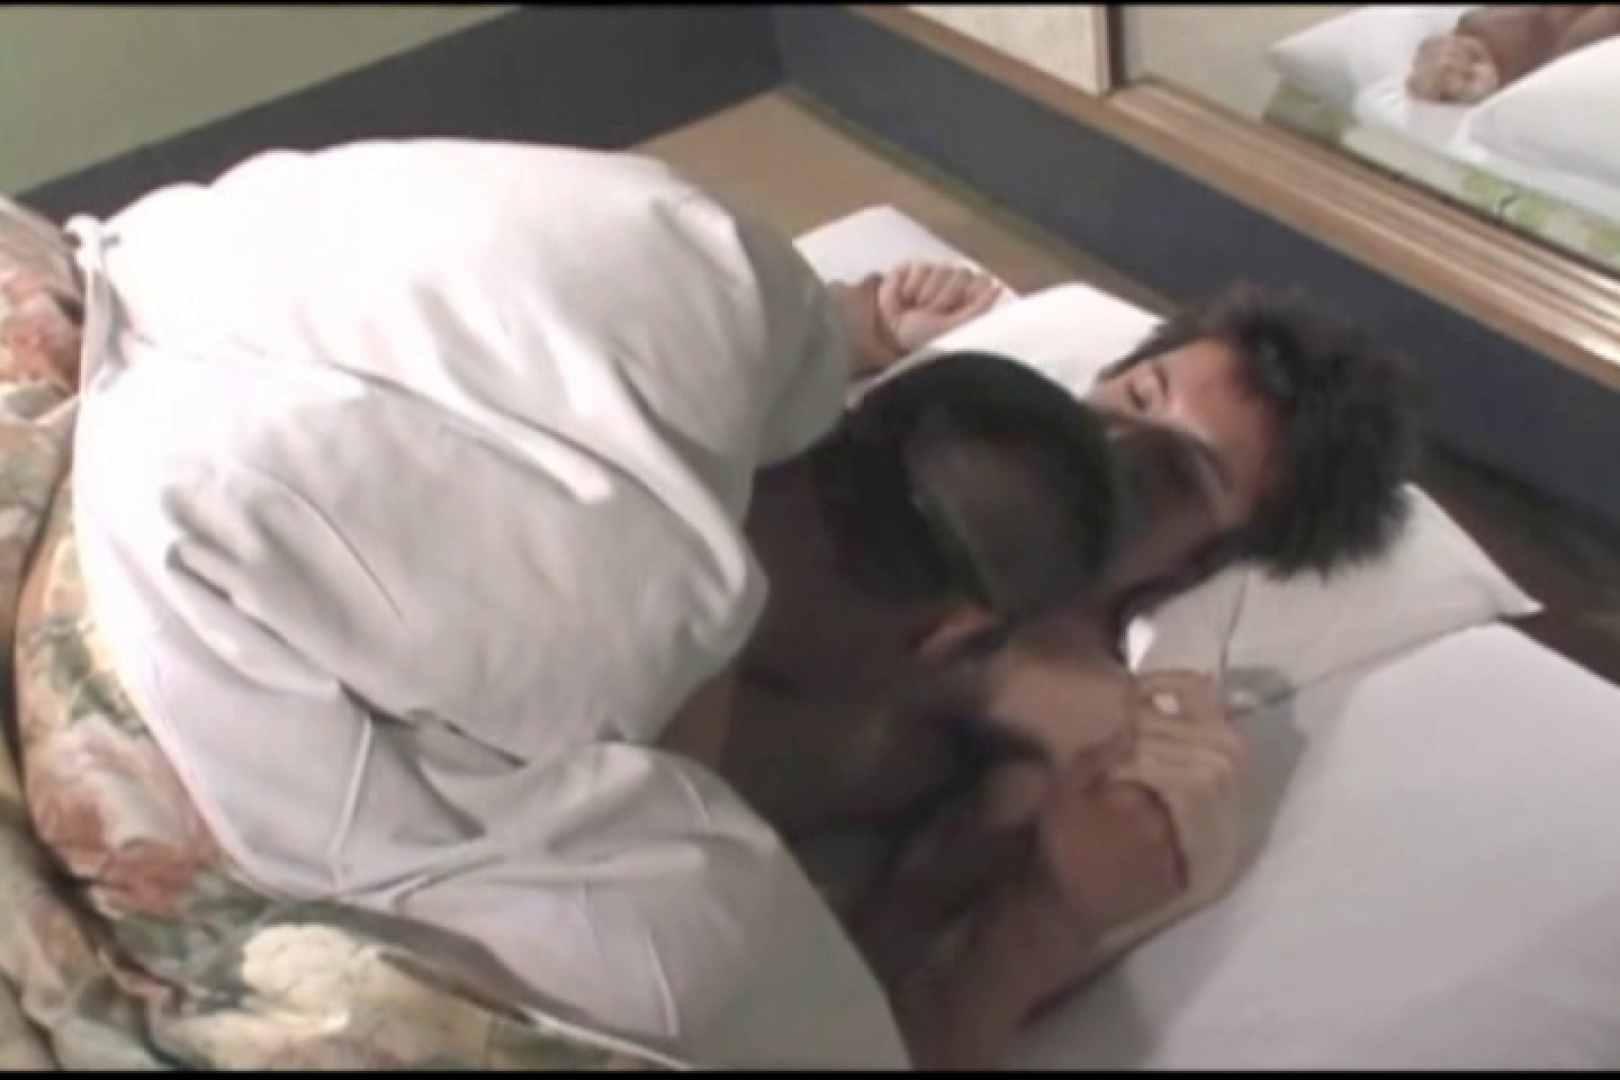 布団の中から失礼します。柔道男とガリ勉君。 男・男・男 ゲイSEX画像 89枚 23